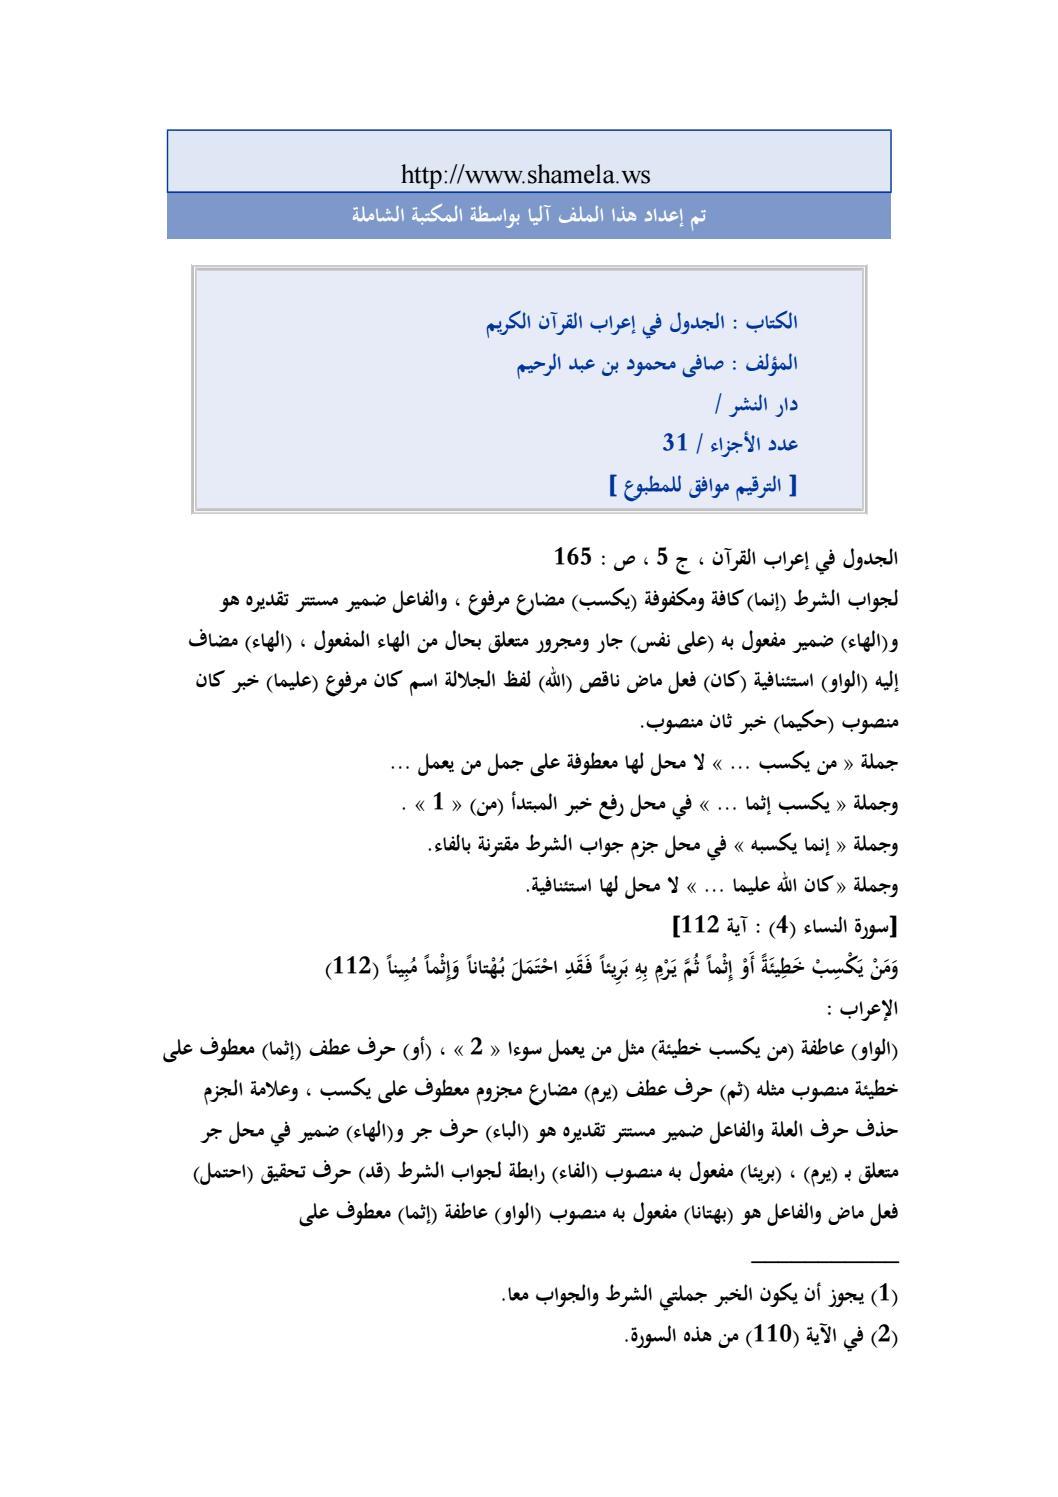 الجدول في إعراب القرآن الكريم 004 By Metin Yildiz Issuu